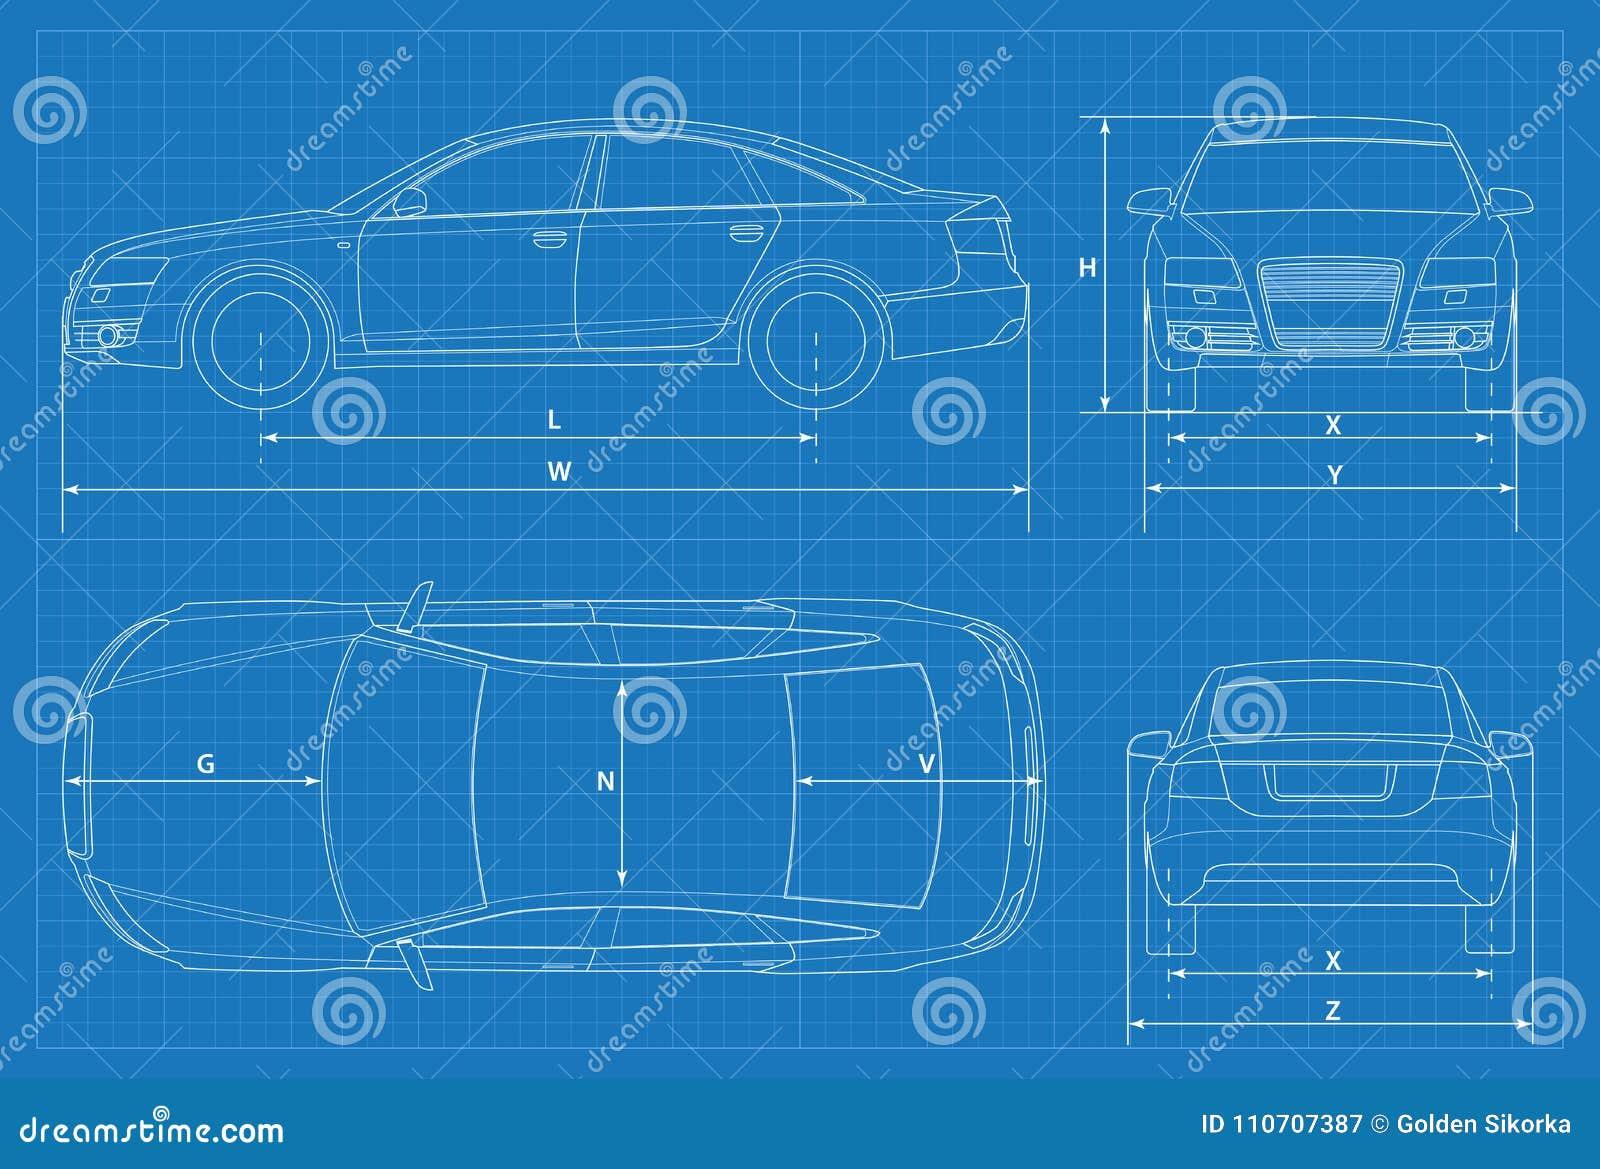 Diagrama Esquemático Del Coche O Modelo Del Coche Ilustración Del ...